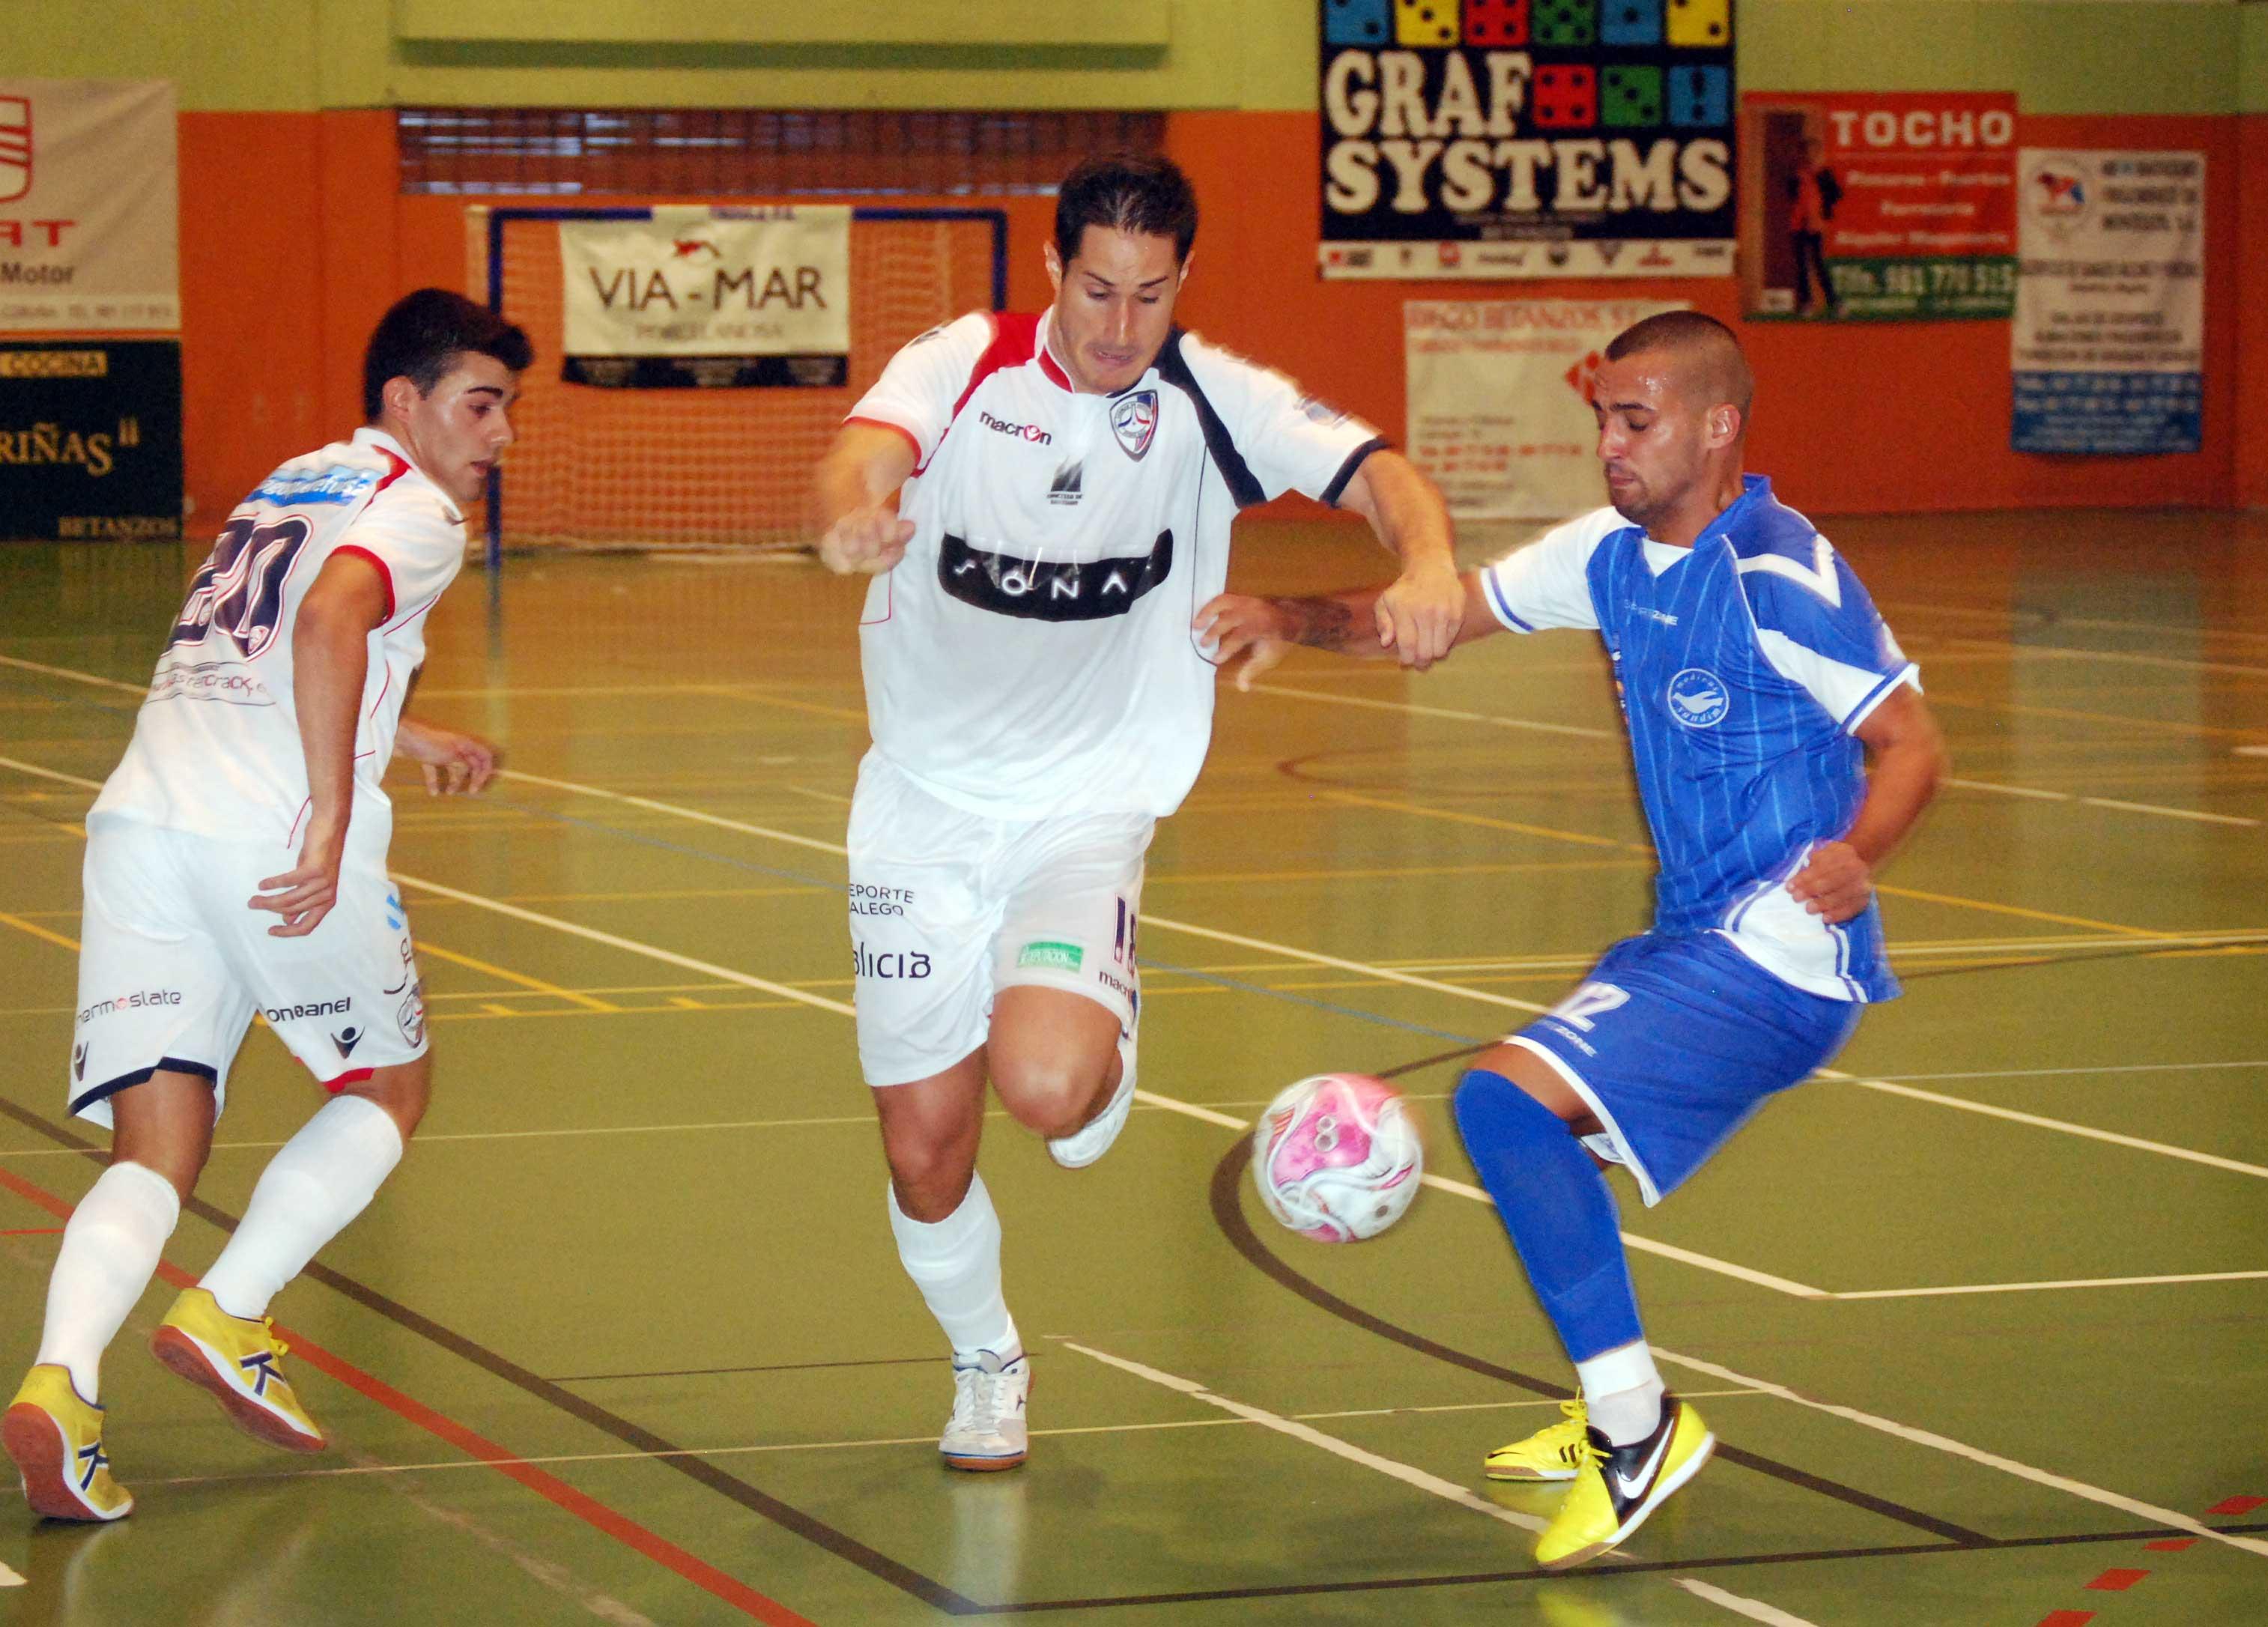 El Santiago Futsal vence al Modicus Sandim en su segundo partido de pretemporada